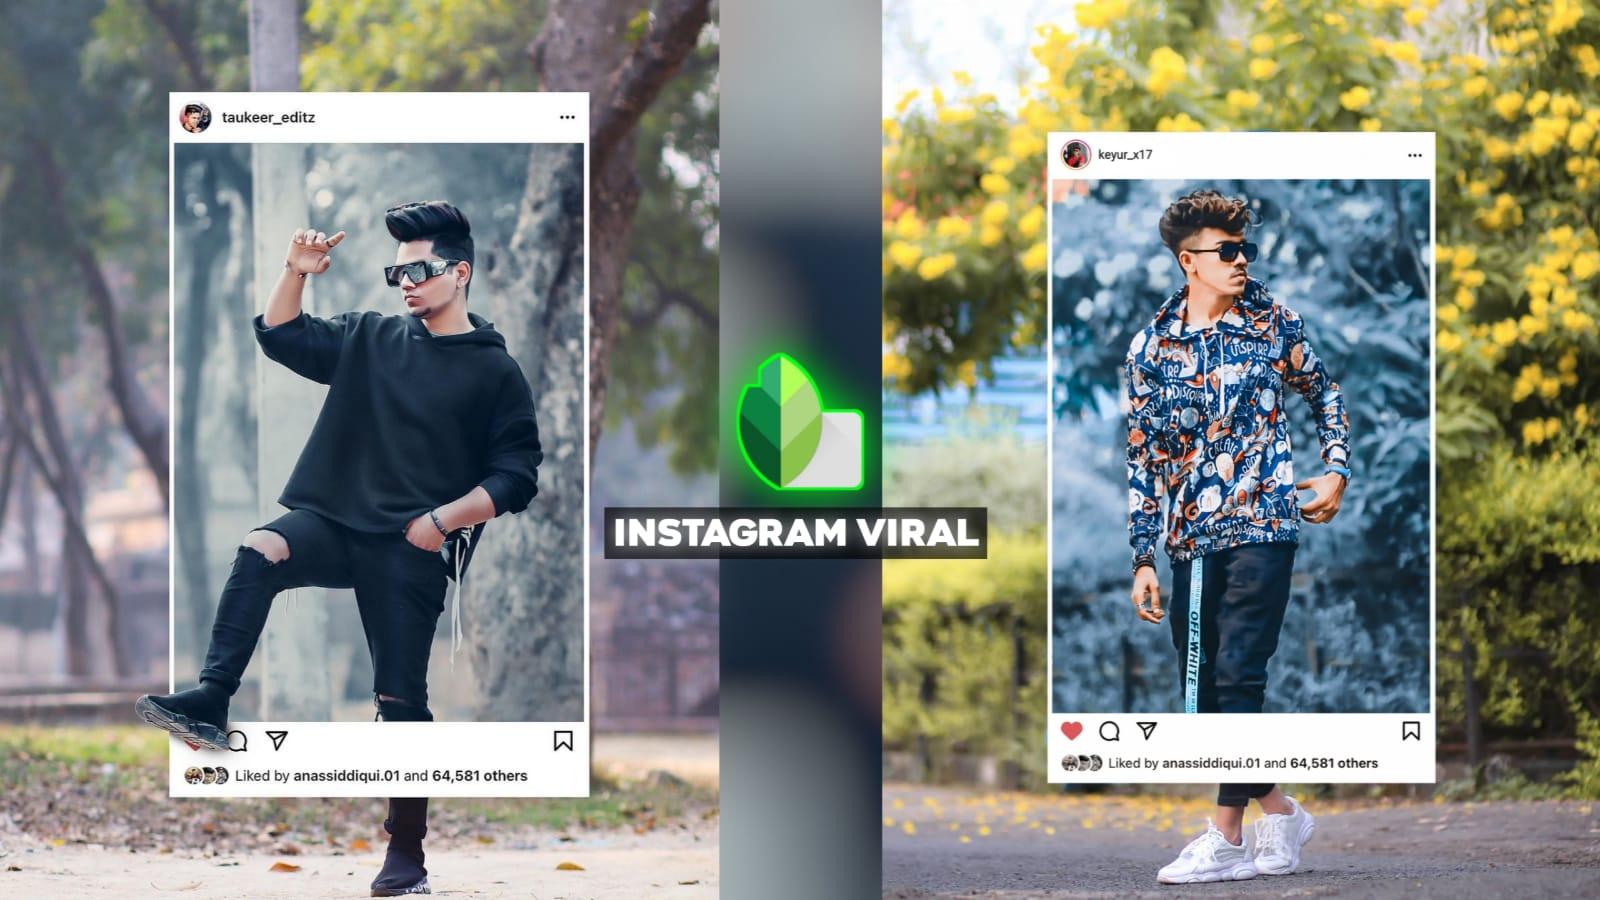 Snapseed Instagram Viral Photo